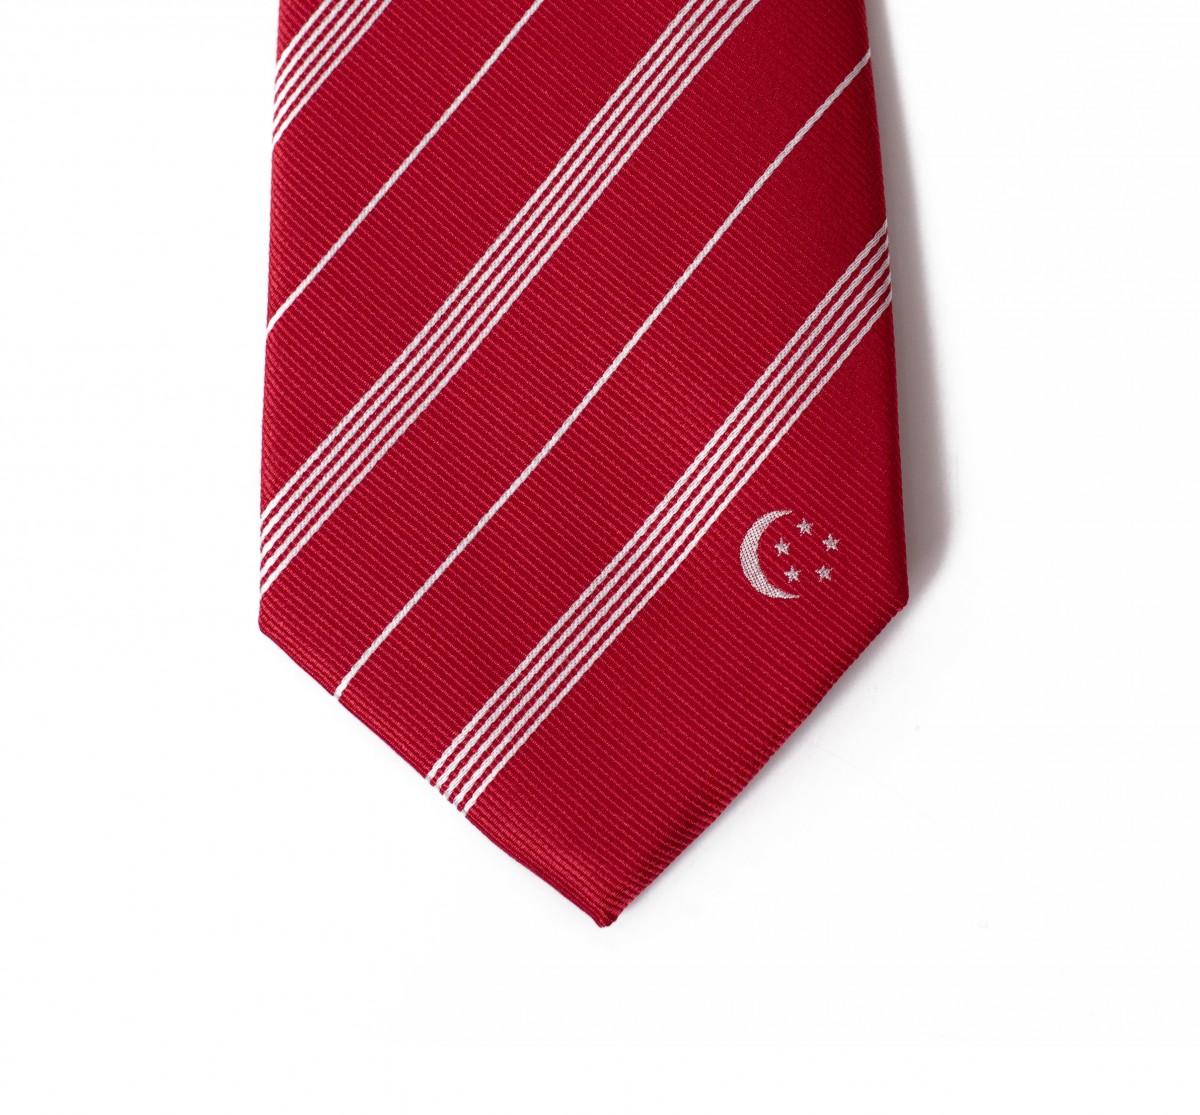 Singapore Tie